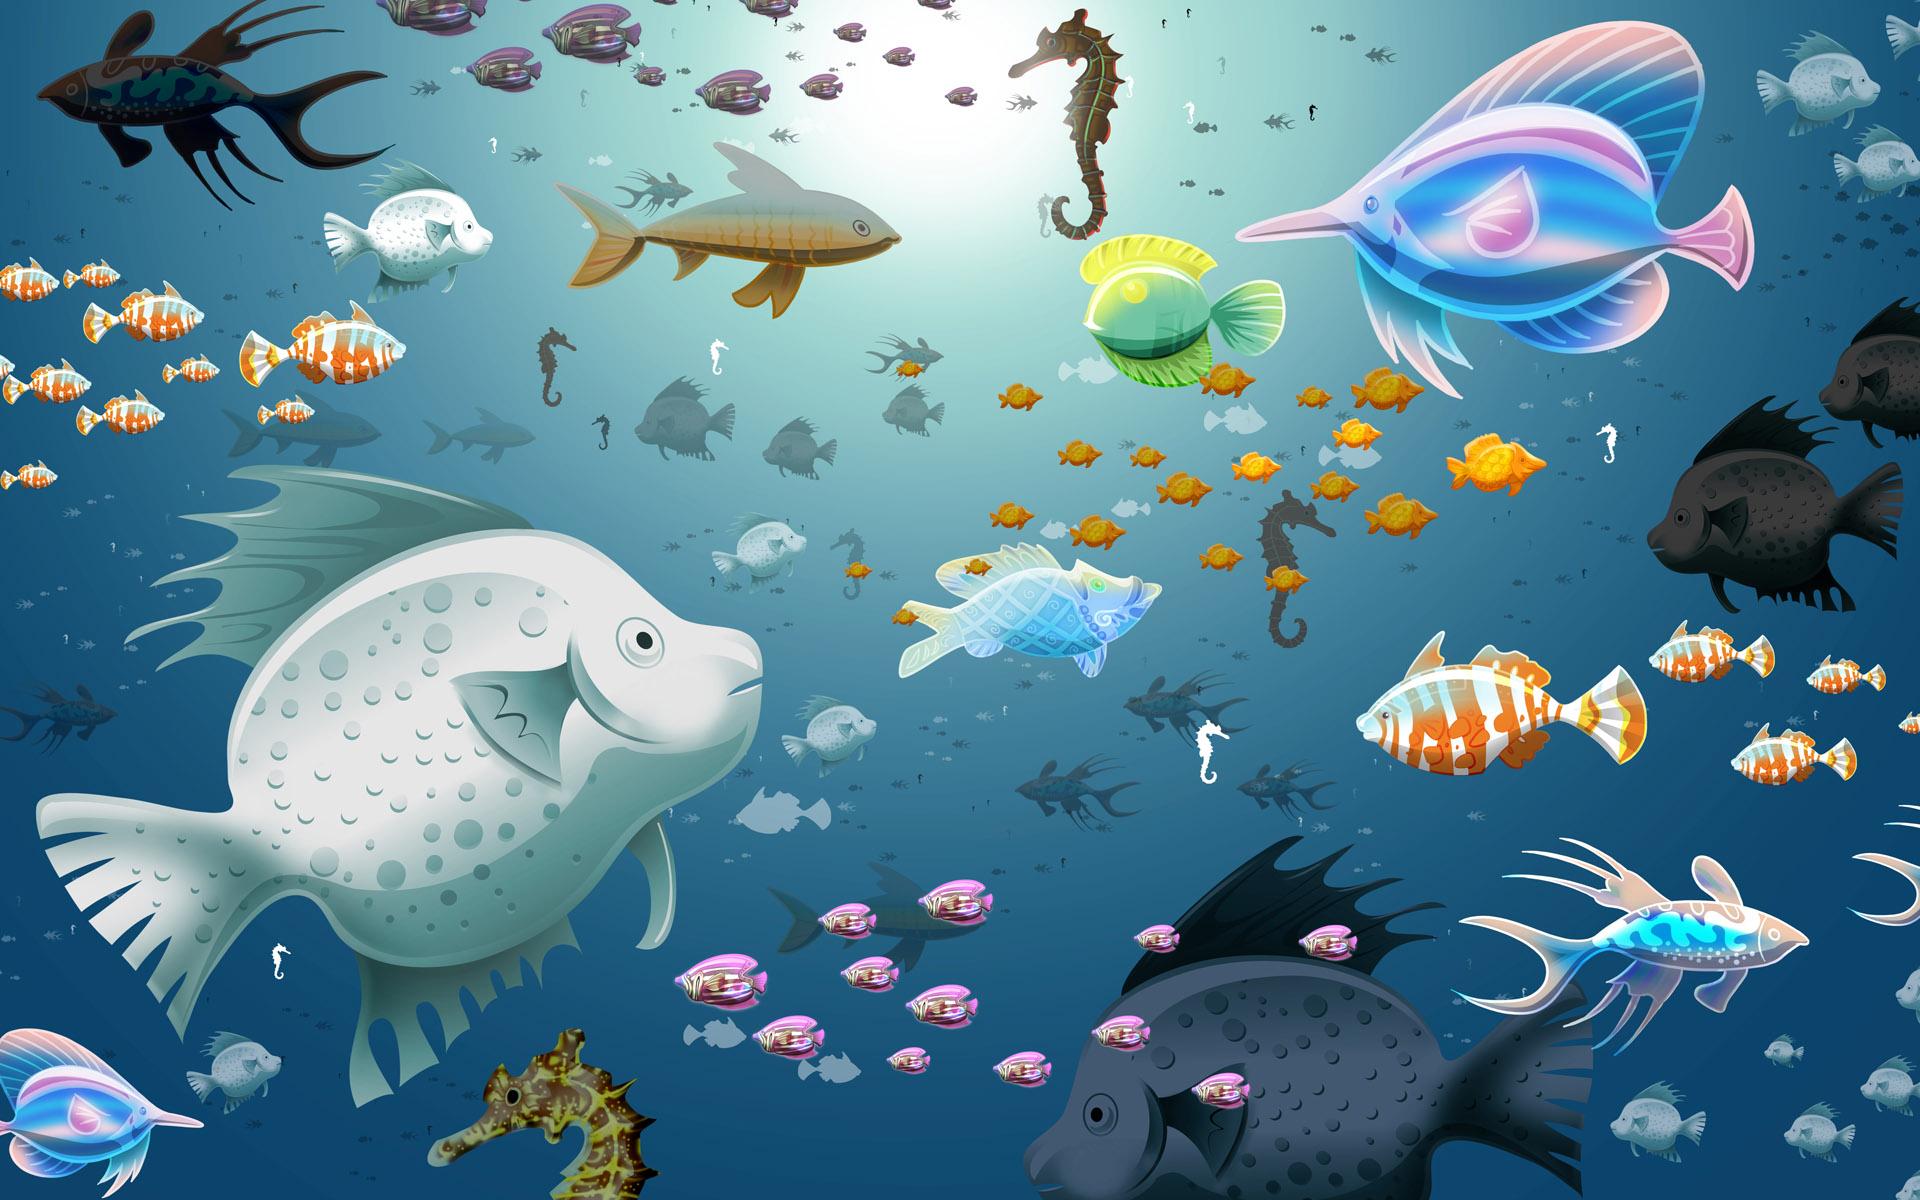 Fish in aquarium desktop wallpaper - Canada Fish Tank Diy Easy Fish Tank Background Trash Bags